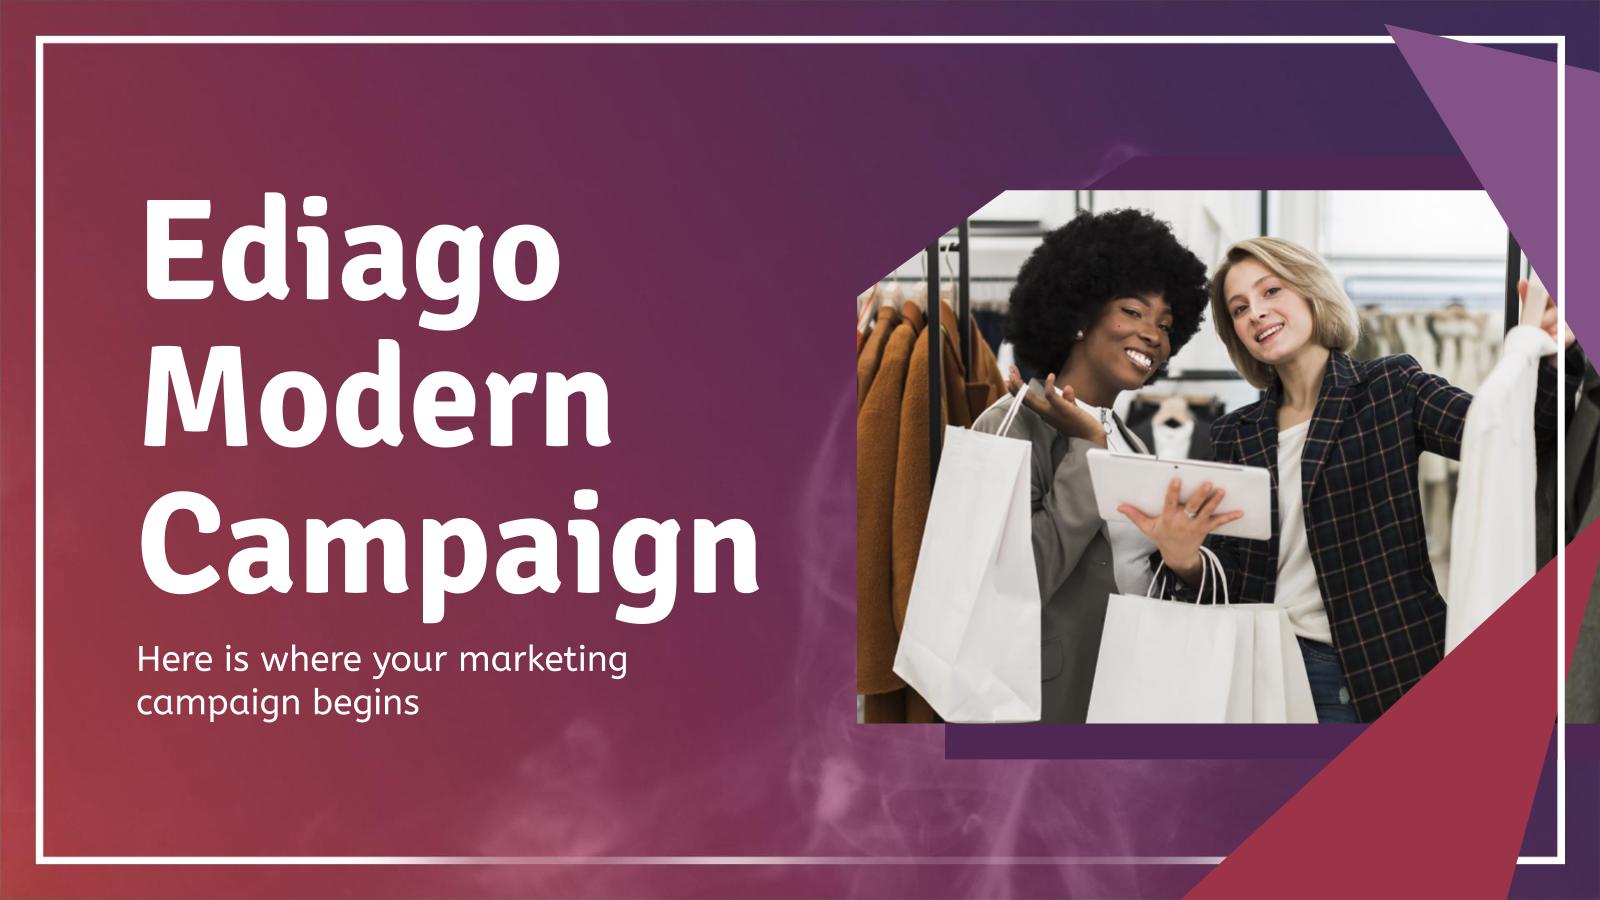 Ediago Modern Campaign presentation template